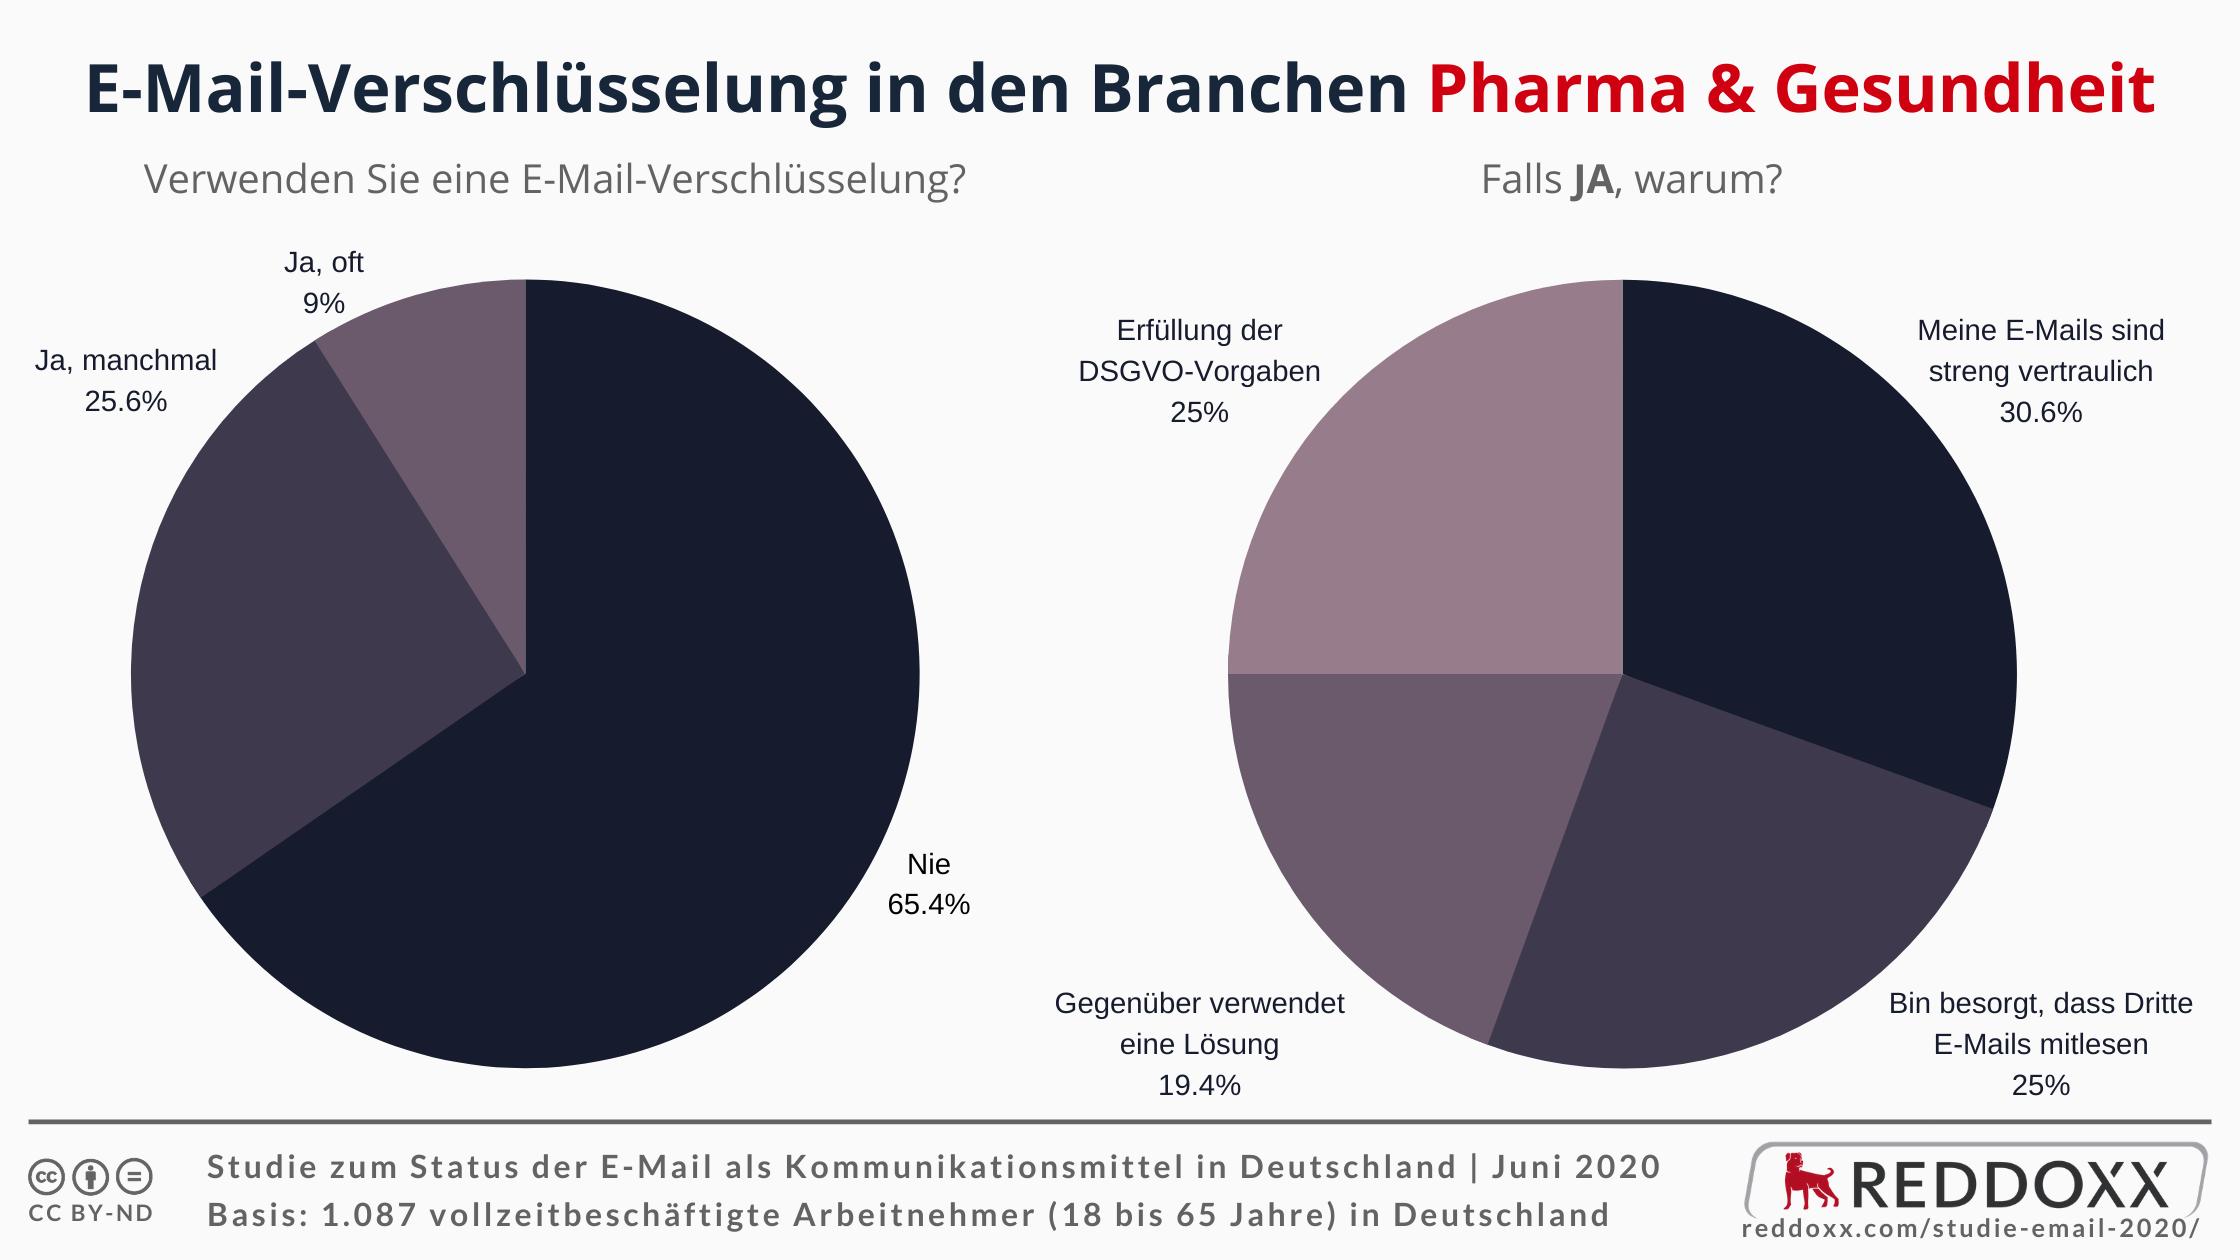 E-Mail-Verschlüsselung in den Branchen Pharma & Gesundheit - JA